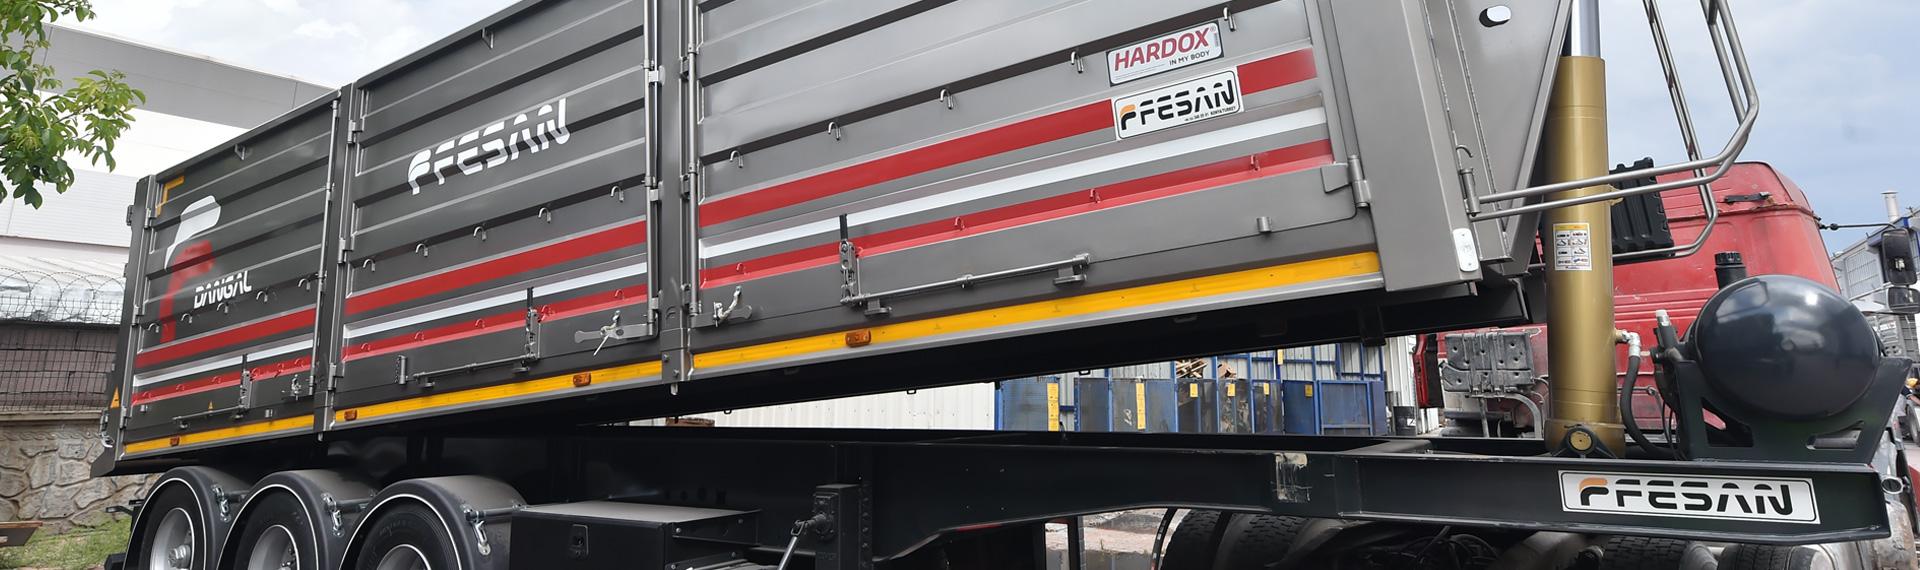 Fényes, szürke-piros félpótkocsis dömper Fesan és Hardox® in My Body logóval.